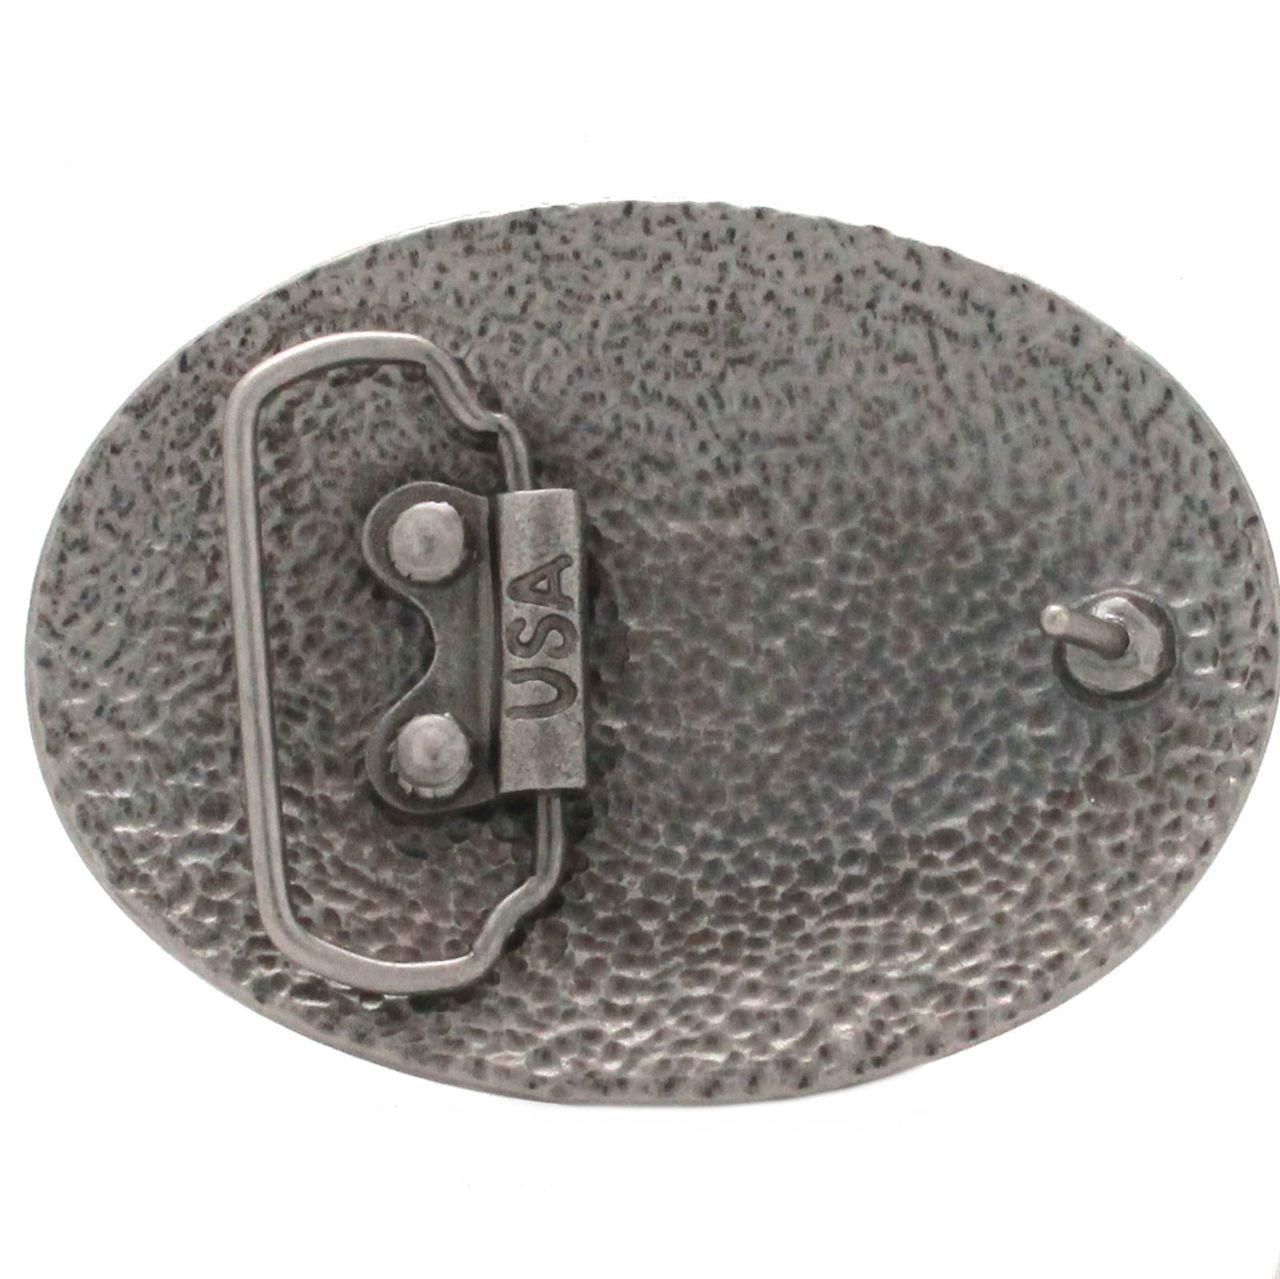 Floral Filigree Trophy Belt Buckle Antique Nickel Back